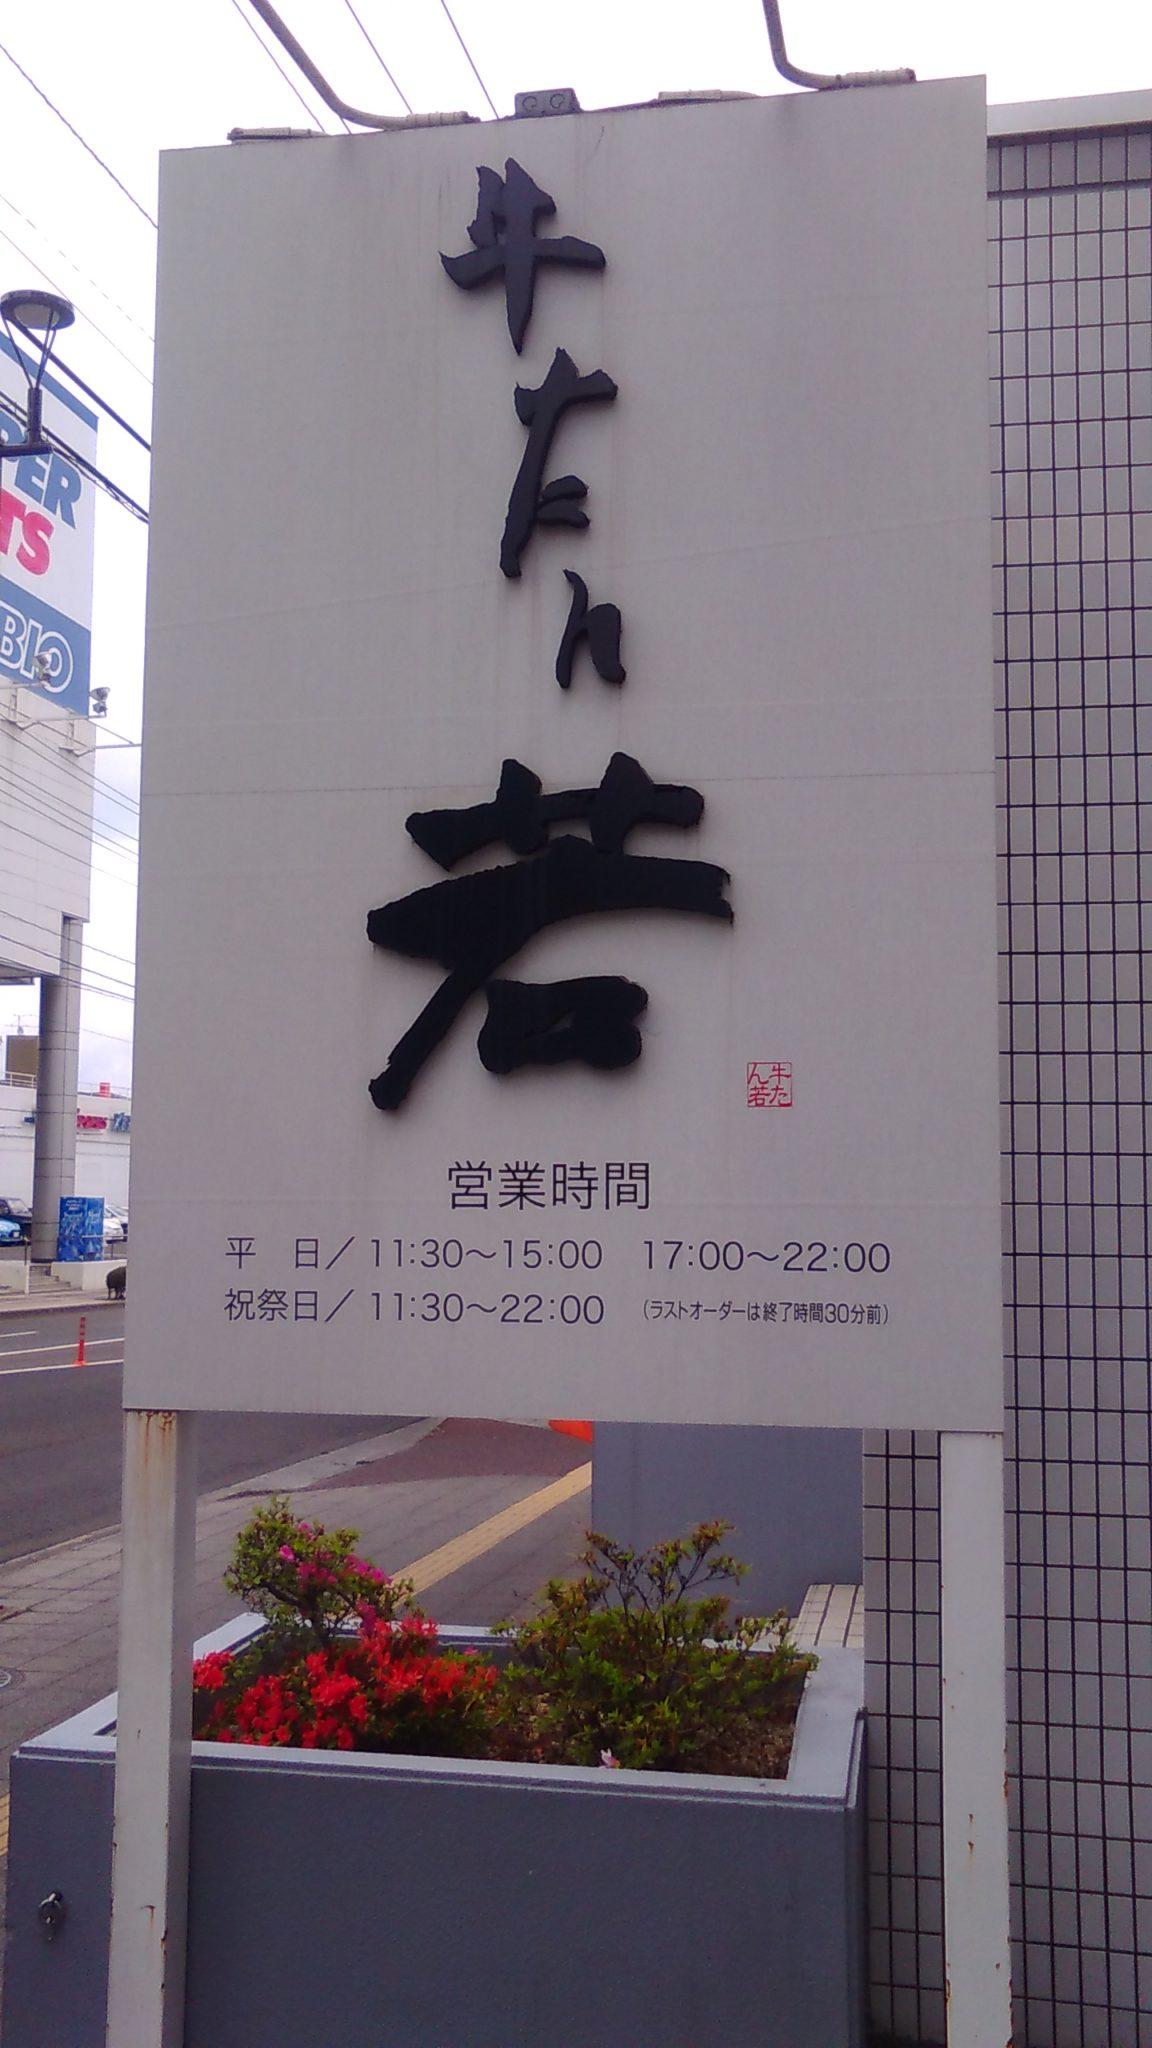 牛たん若 泉店!うまくて安い牛たん焼きが食べられるお店!